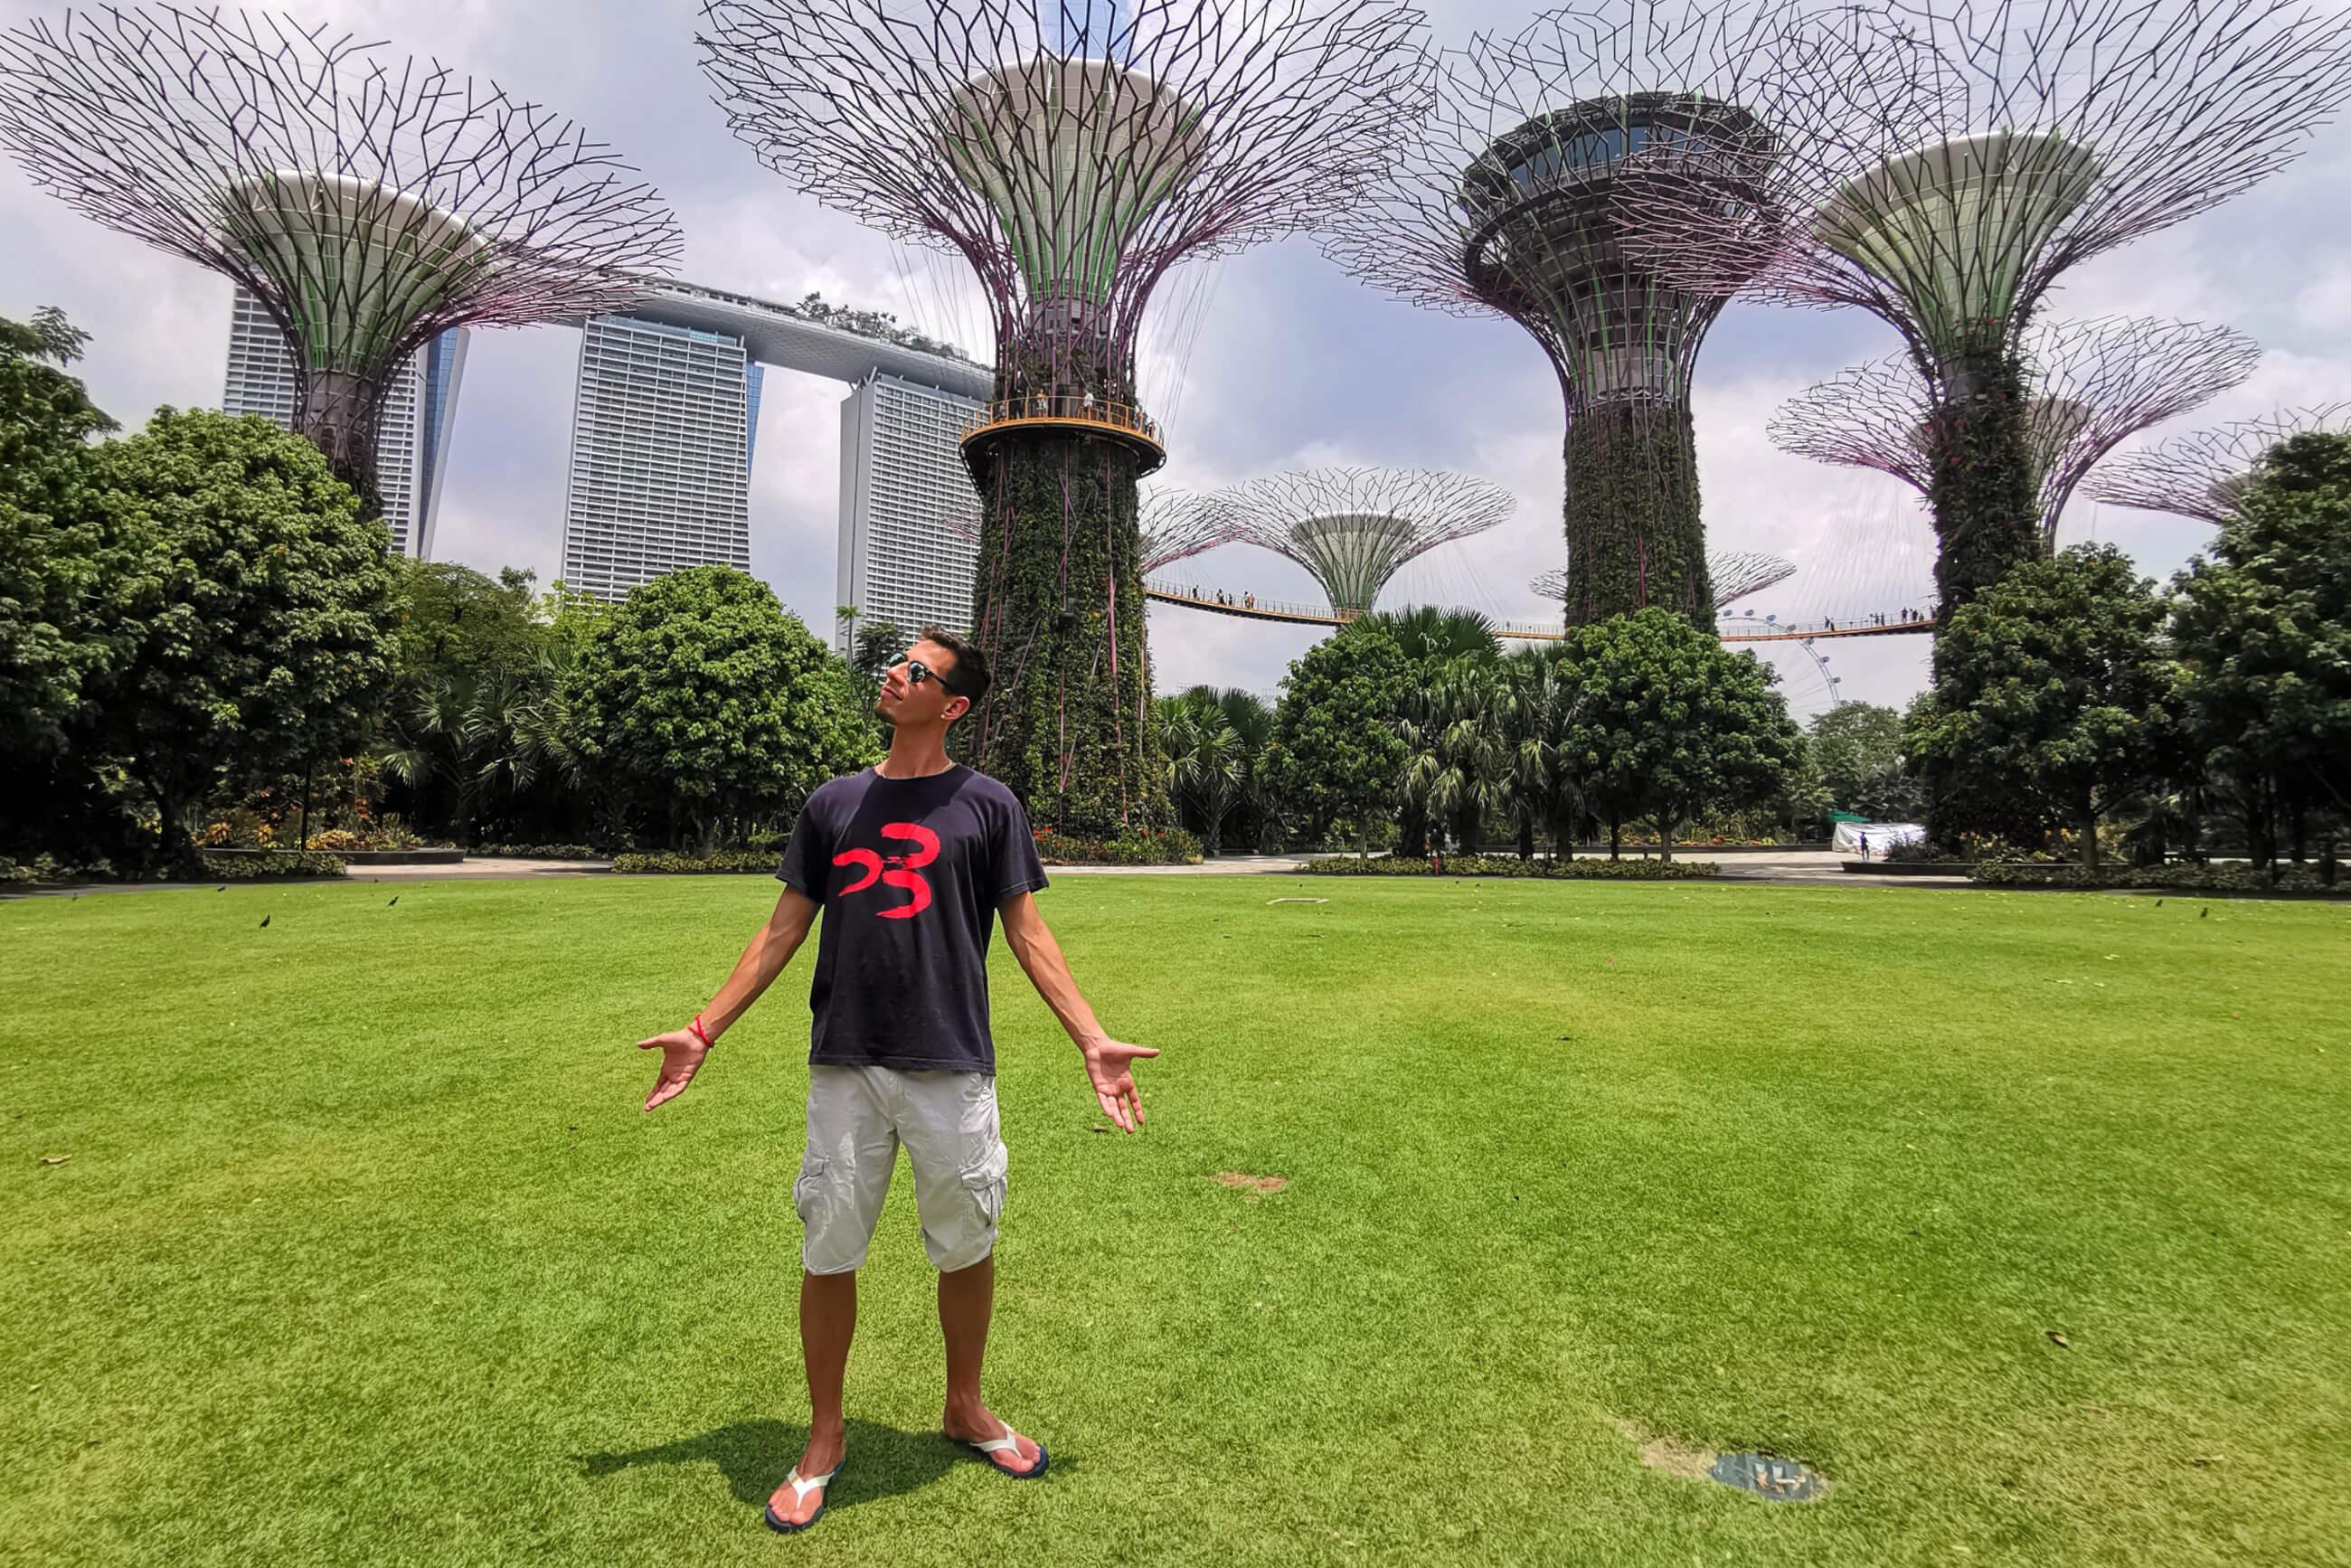 https://bubo.sk/uploads/galleries/7466/jozefmartinasek_singapur.jpg